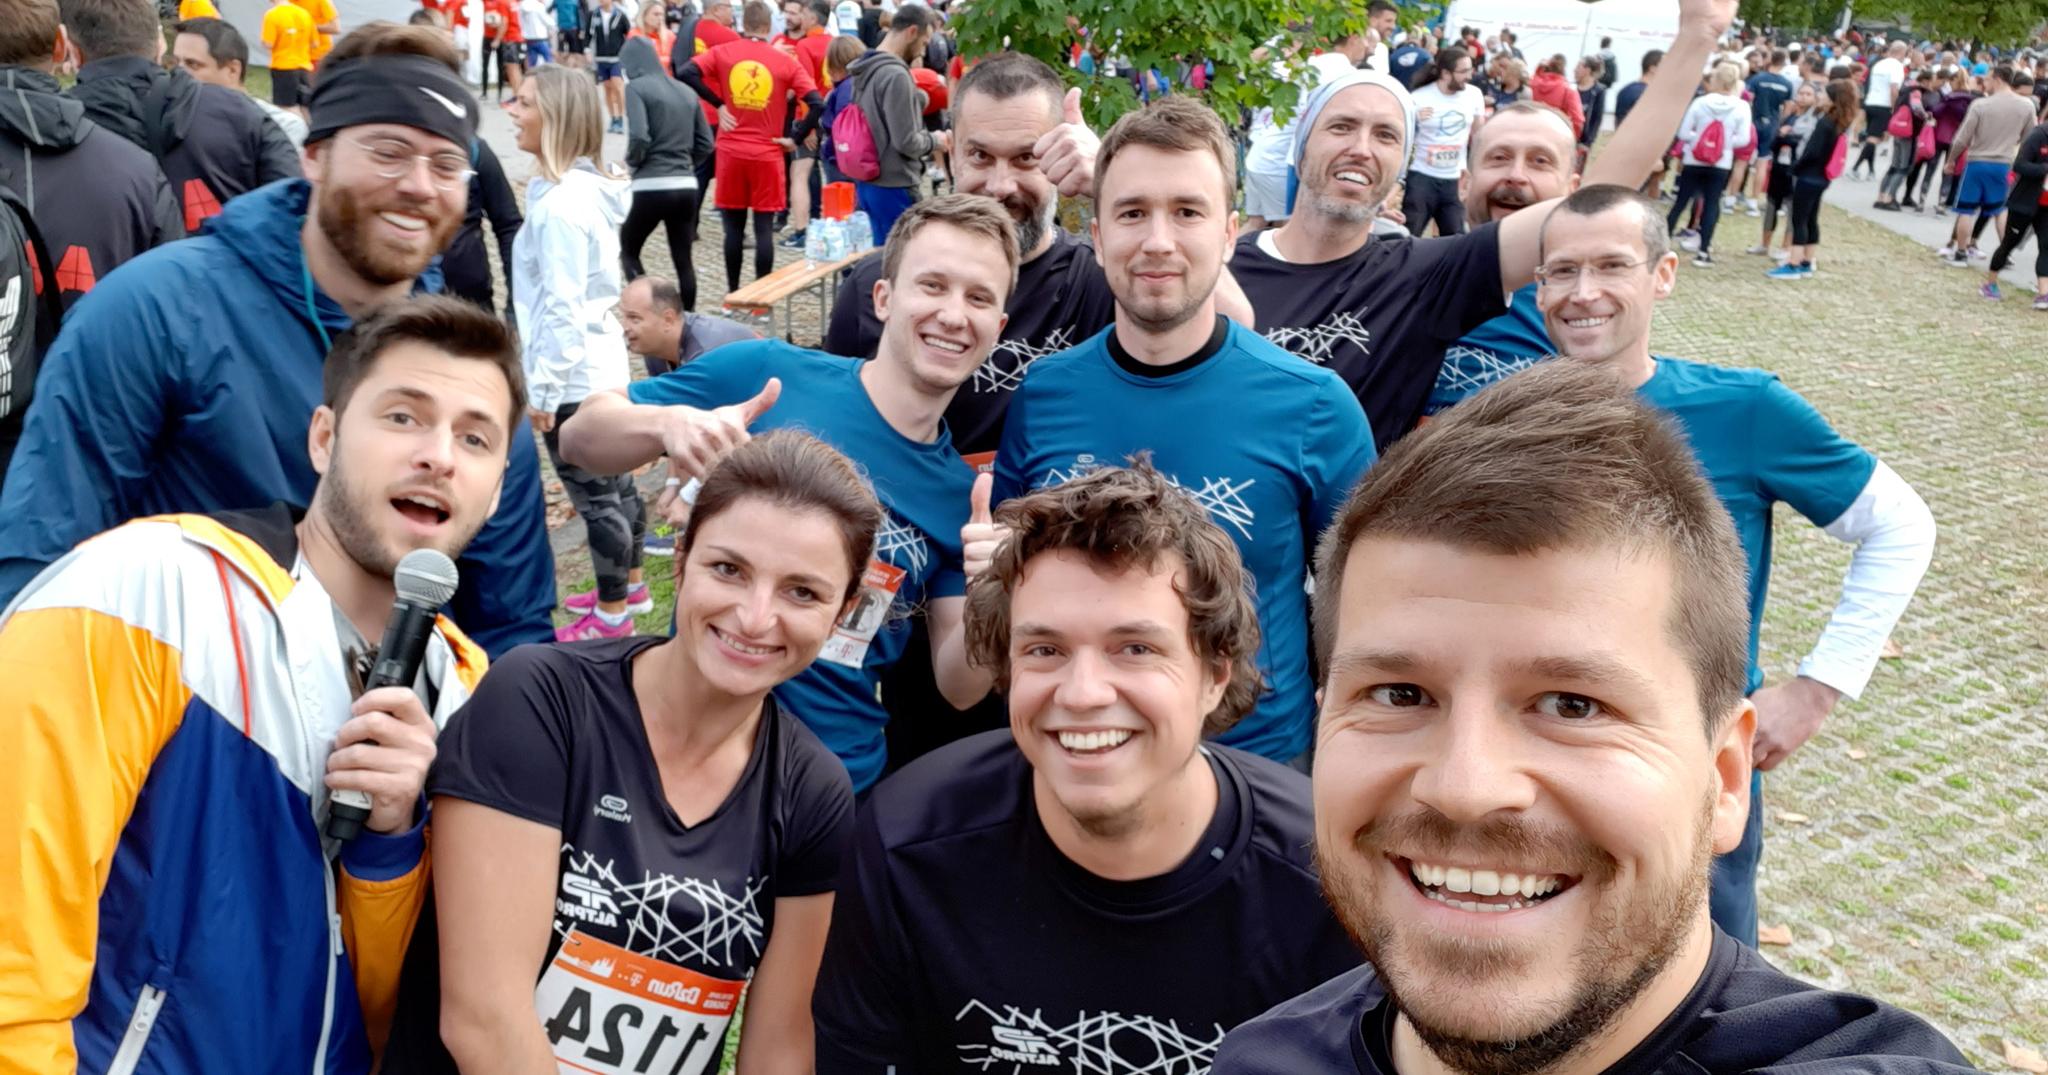 Sudjelovali smo na B2B run utrci u Zagrebu